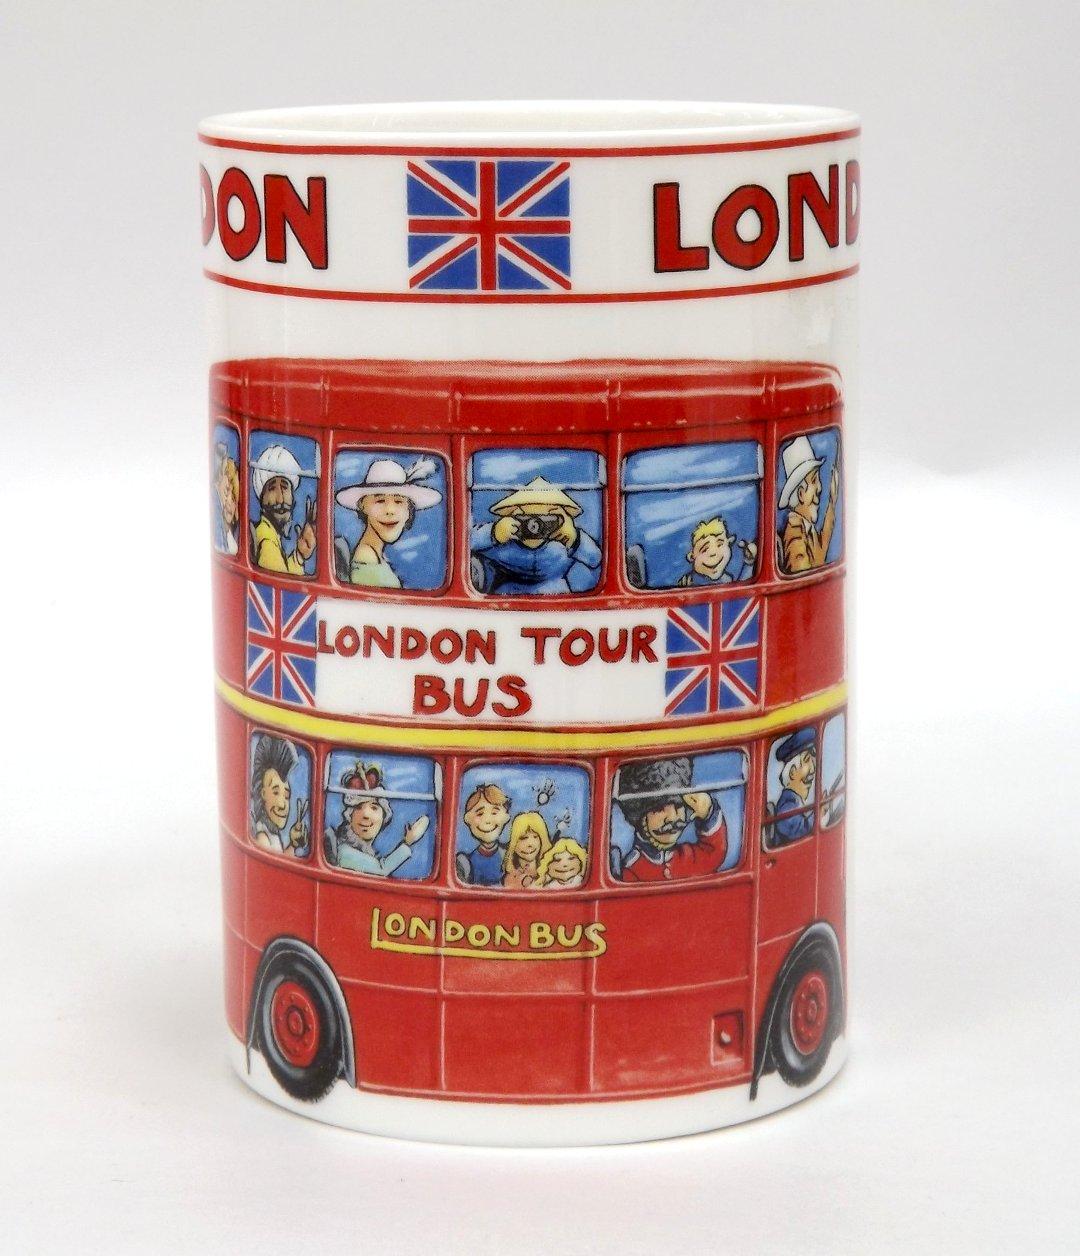 Фарфоровая кружка Лондонский автобус от James Sadler из ассортимента магазина Posuda40.ru